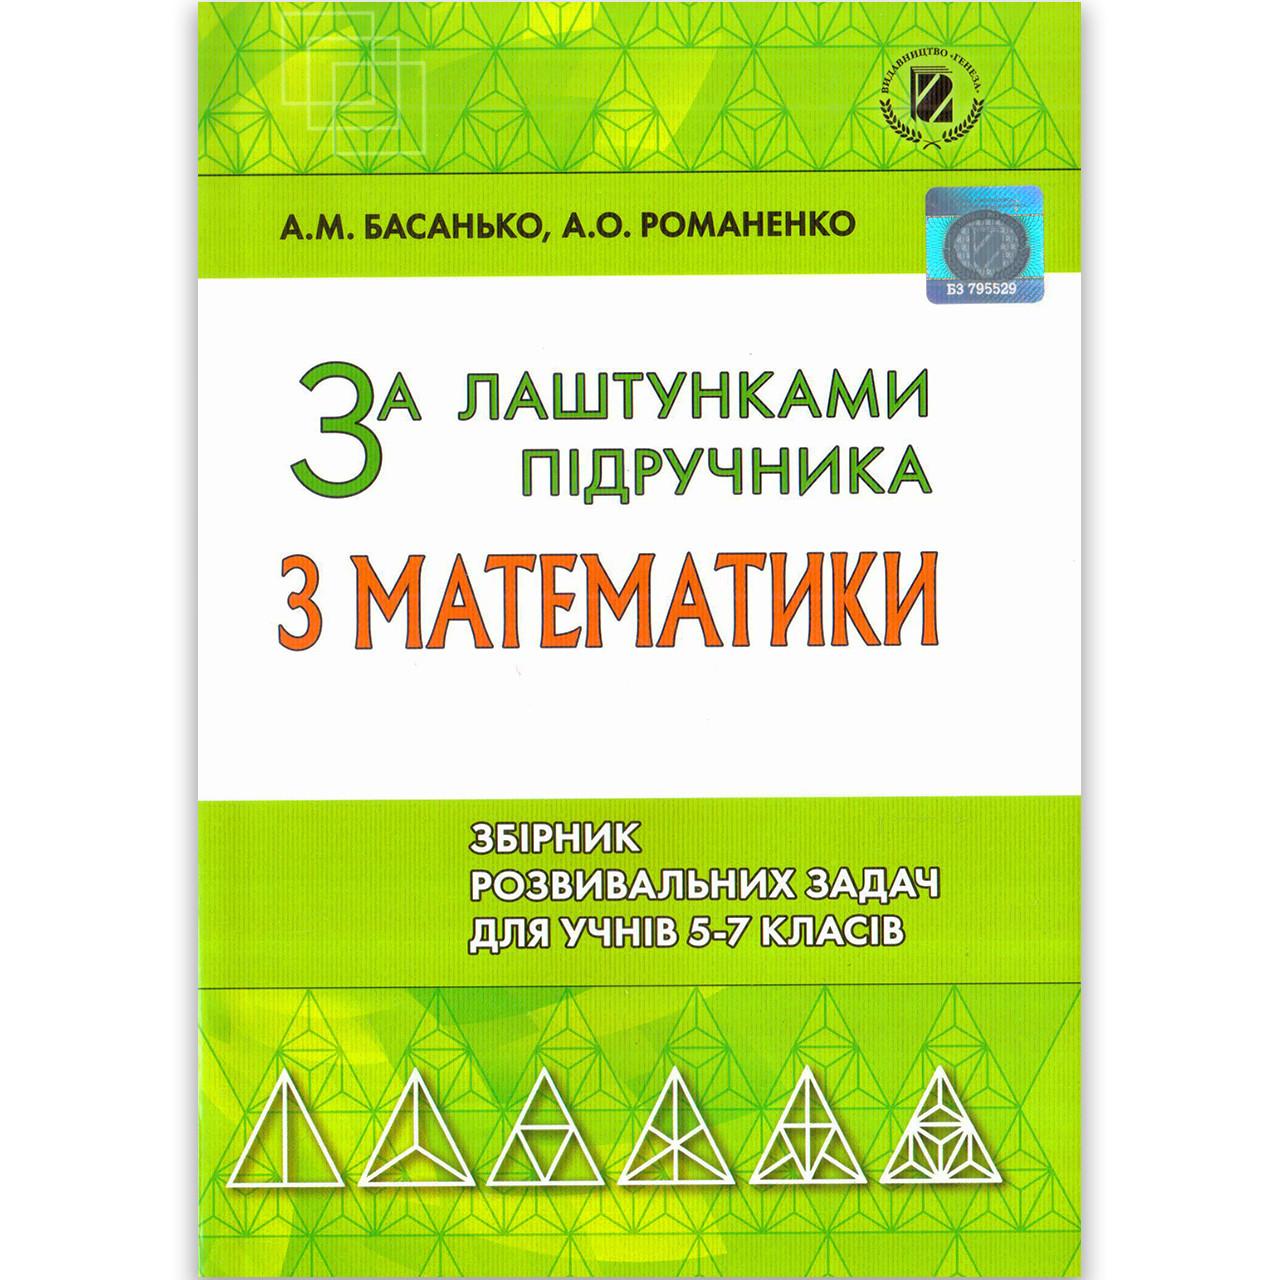 За лаштунками підручника з математики 5-7 класи Авт: Басанько А. Вид: Генеза